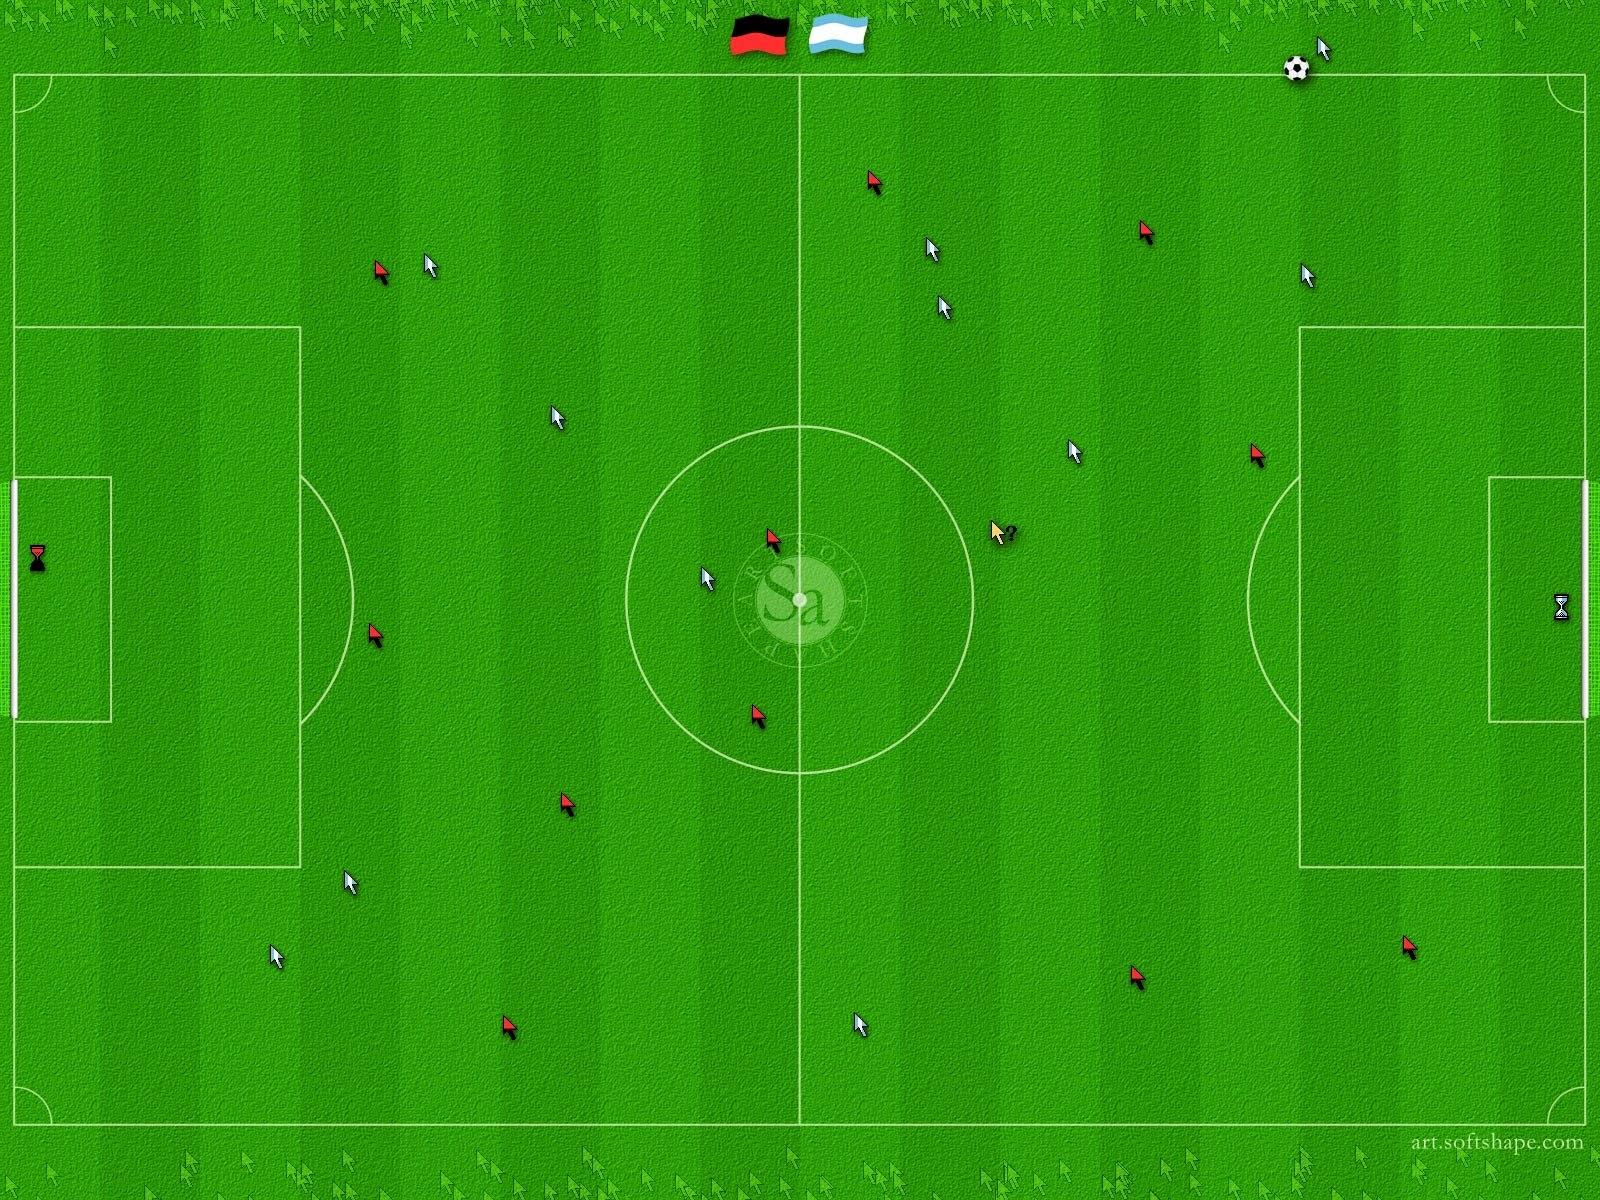 Cancha de futbol estadio de futbol fondos de pantalla for Fondos de pantalla de futbol